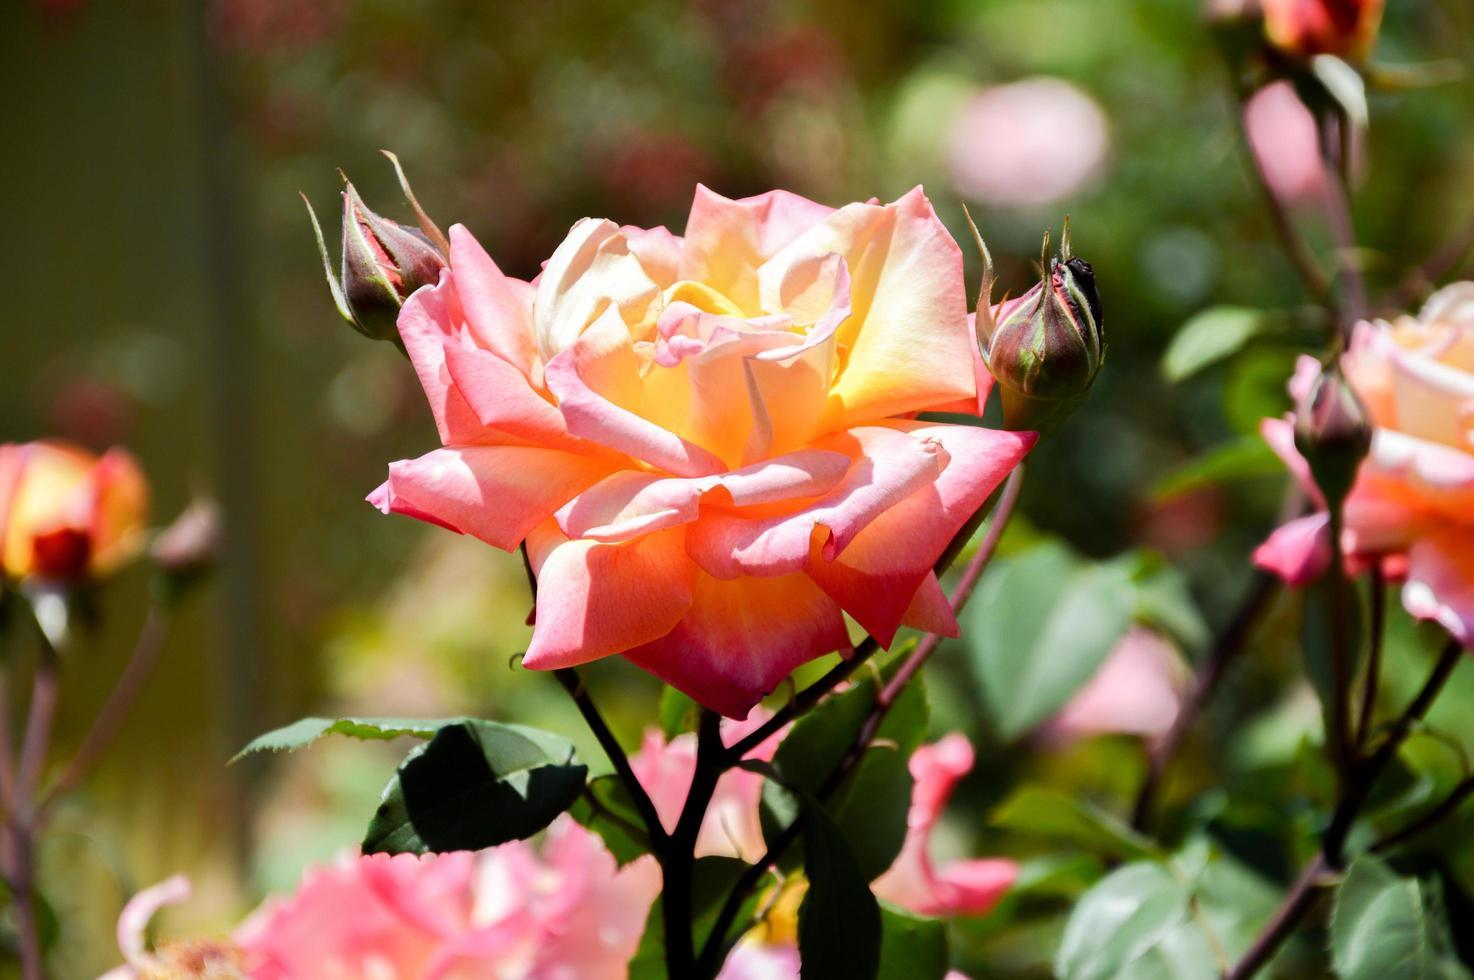 roze roos in zonlicht foto